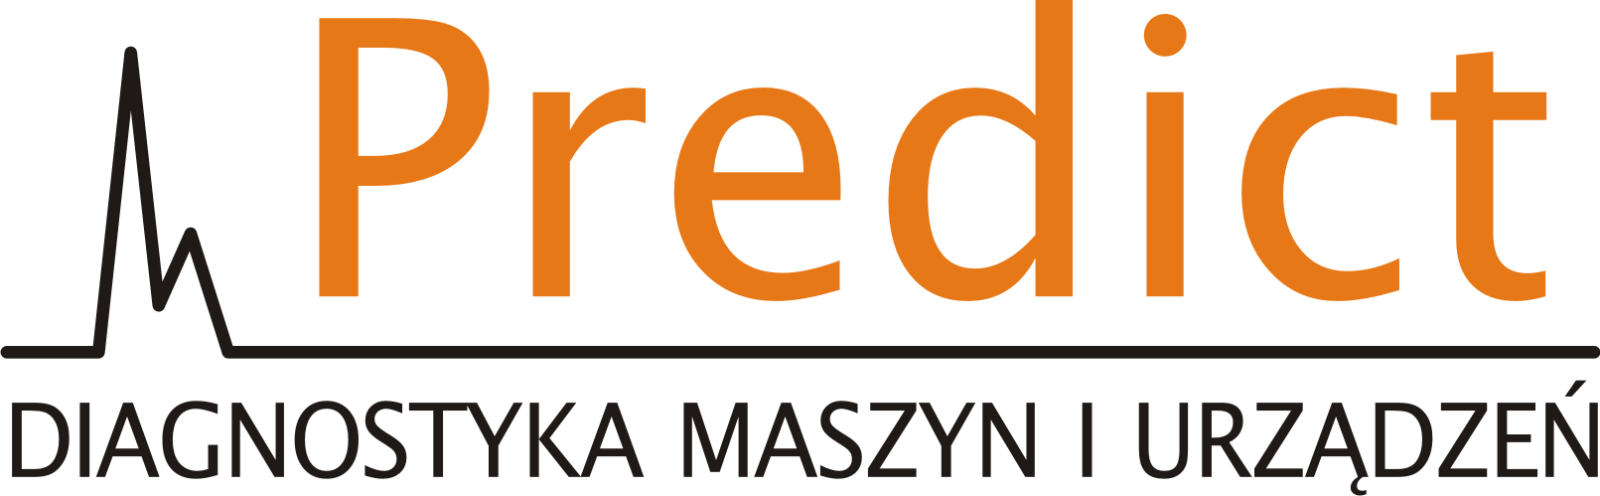 Diagnostyka maszyn predict.pl